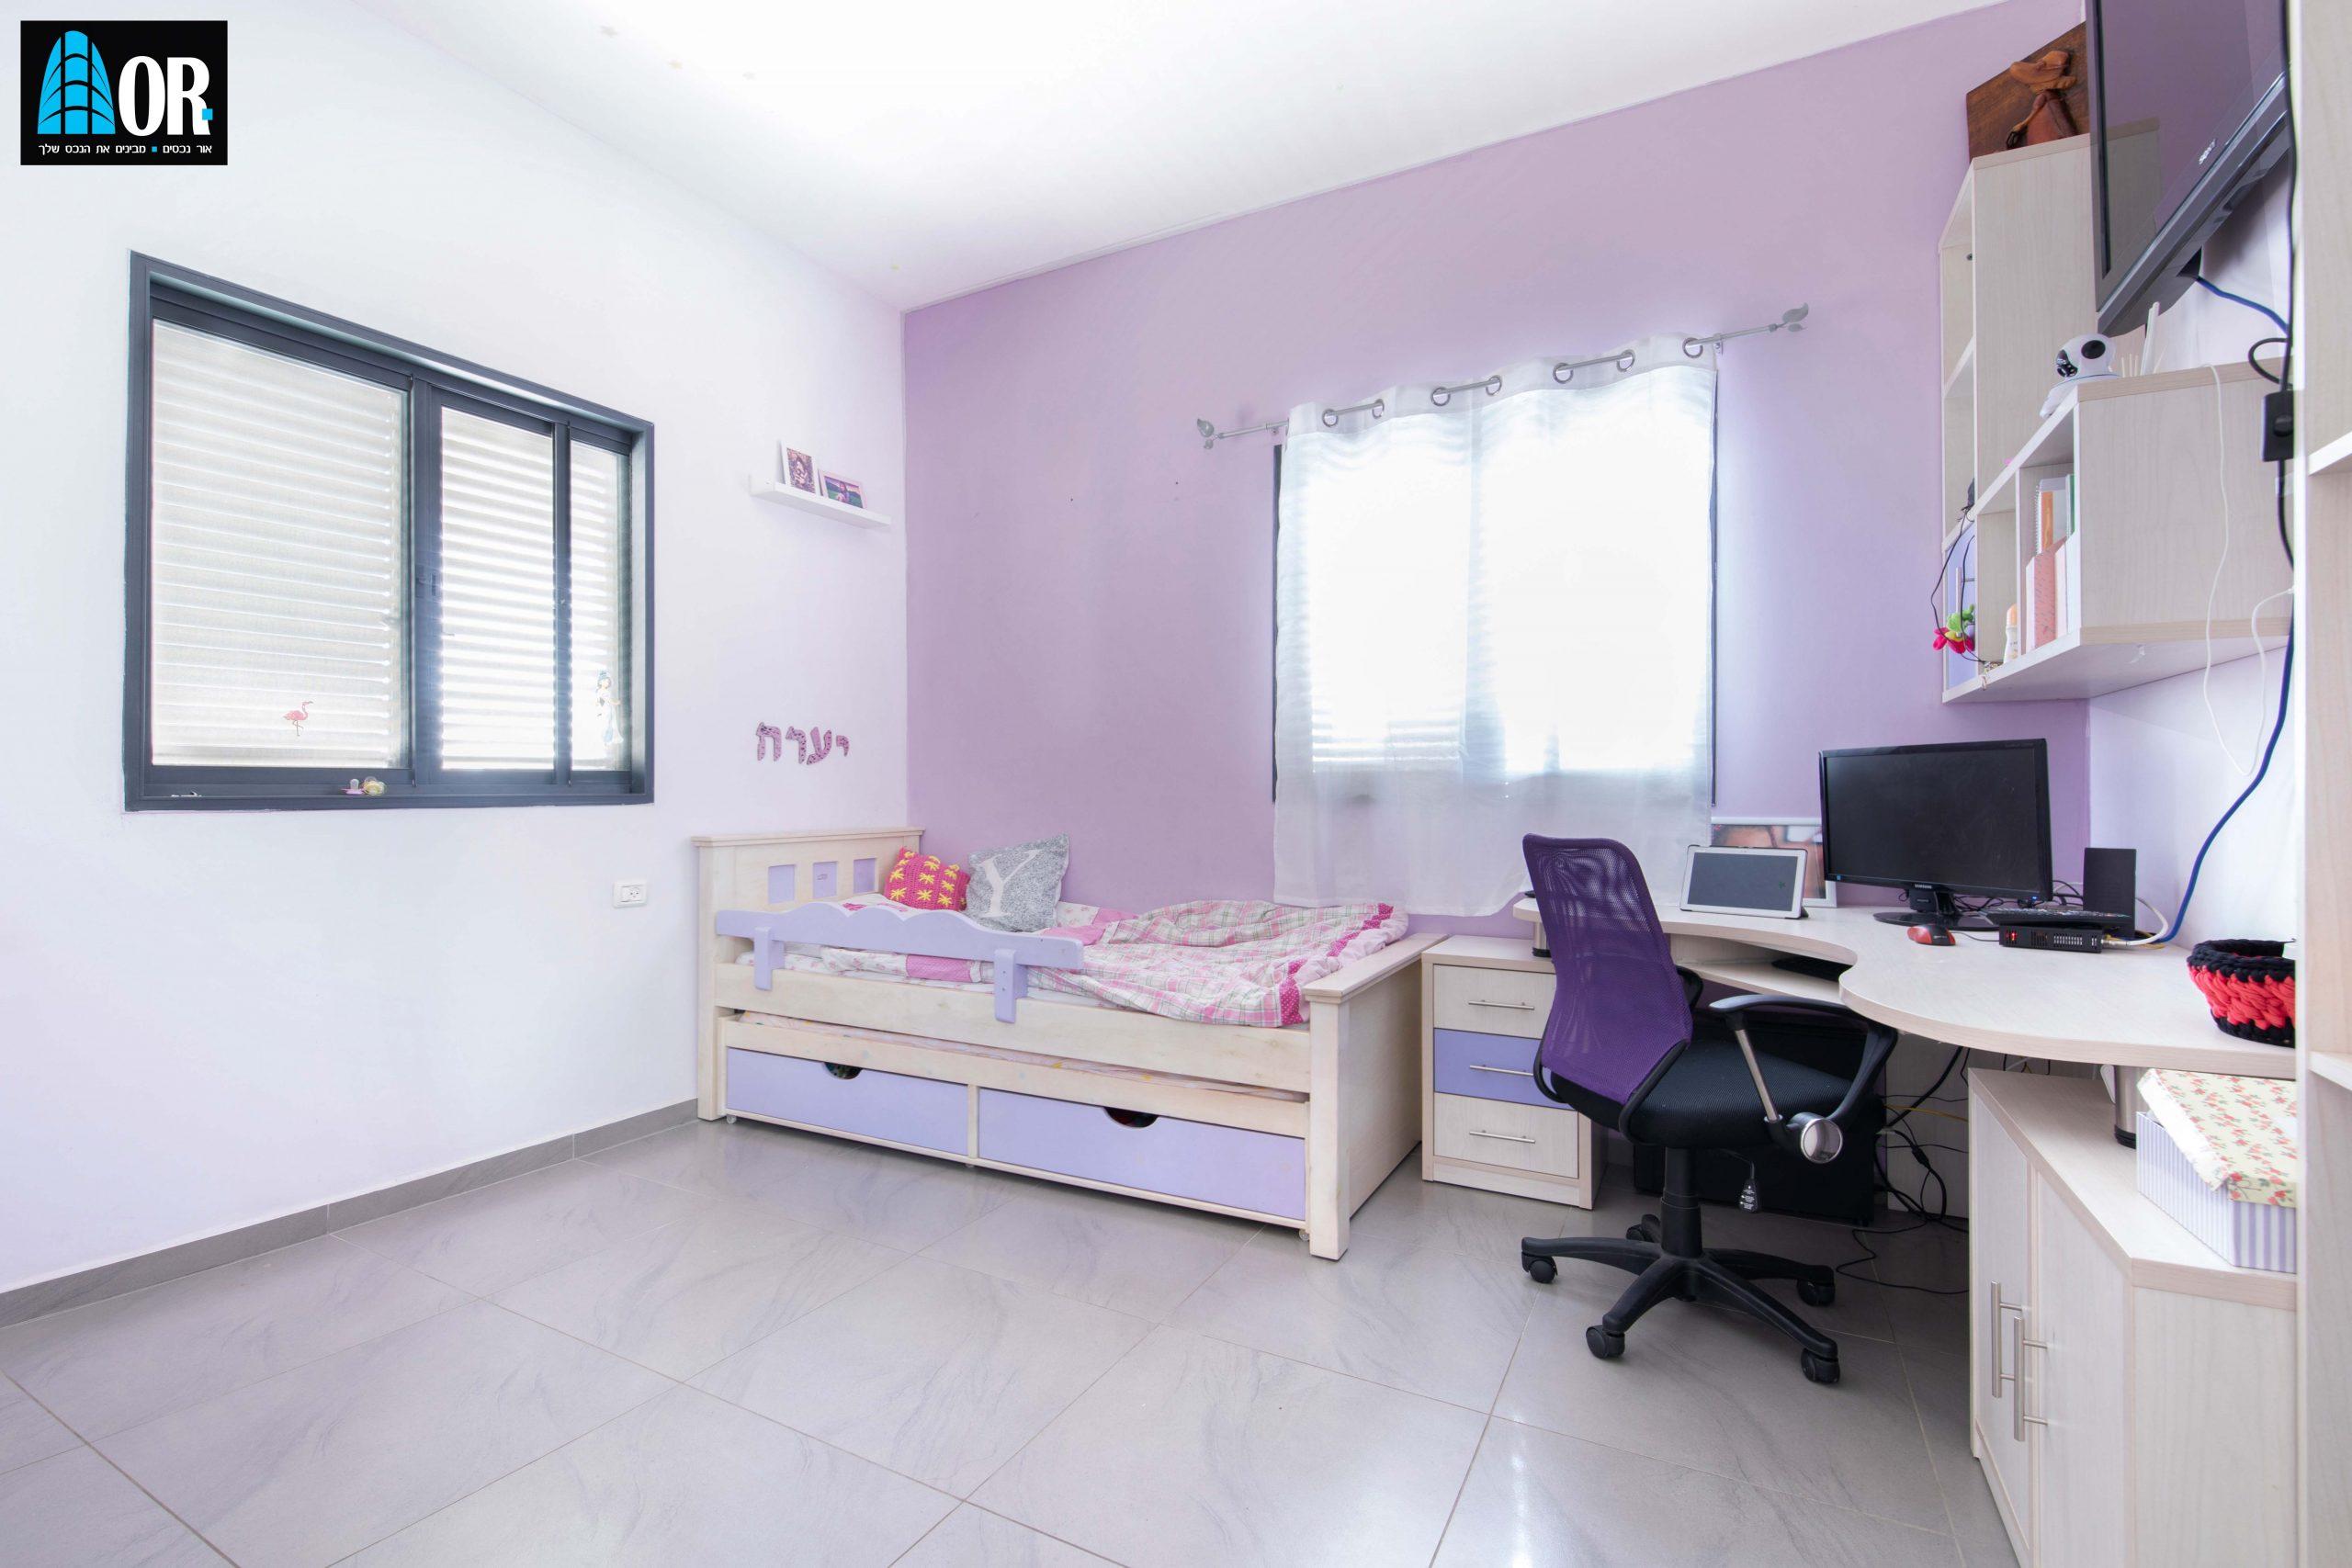 חדר ילדים דו משפחתי 7.5 חדרים, שכונה גני מנחם